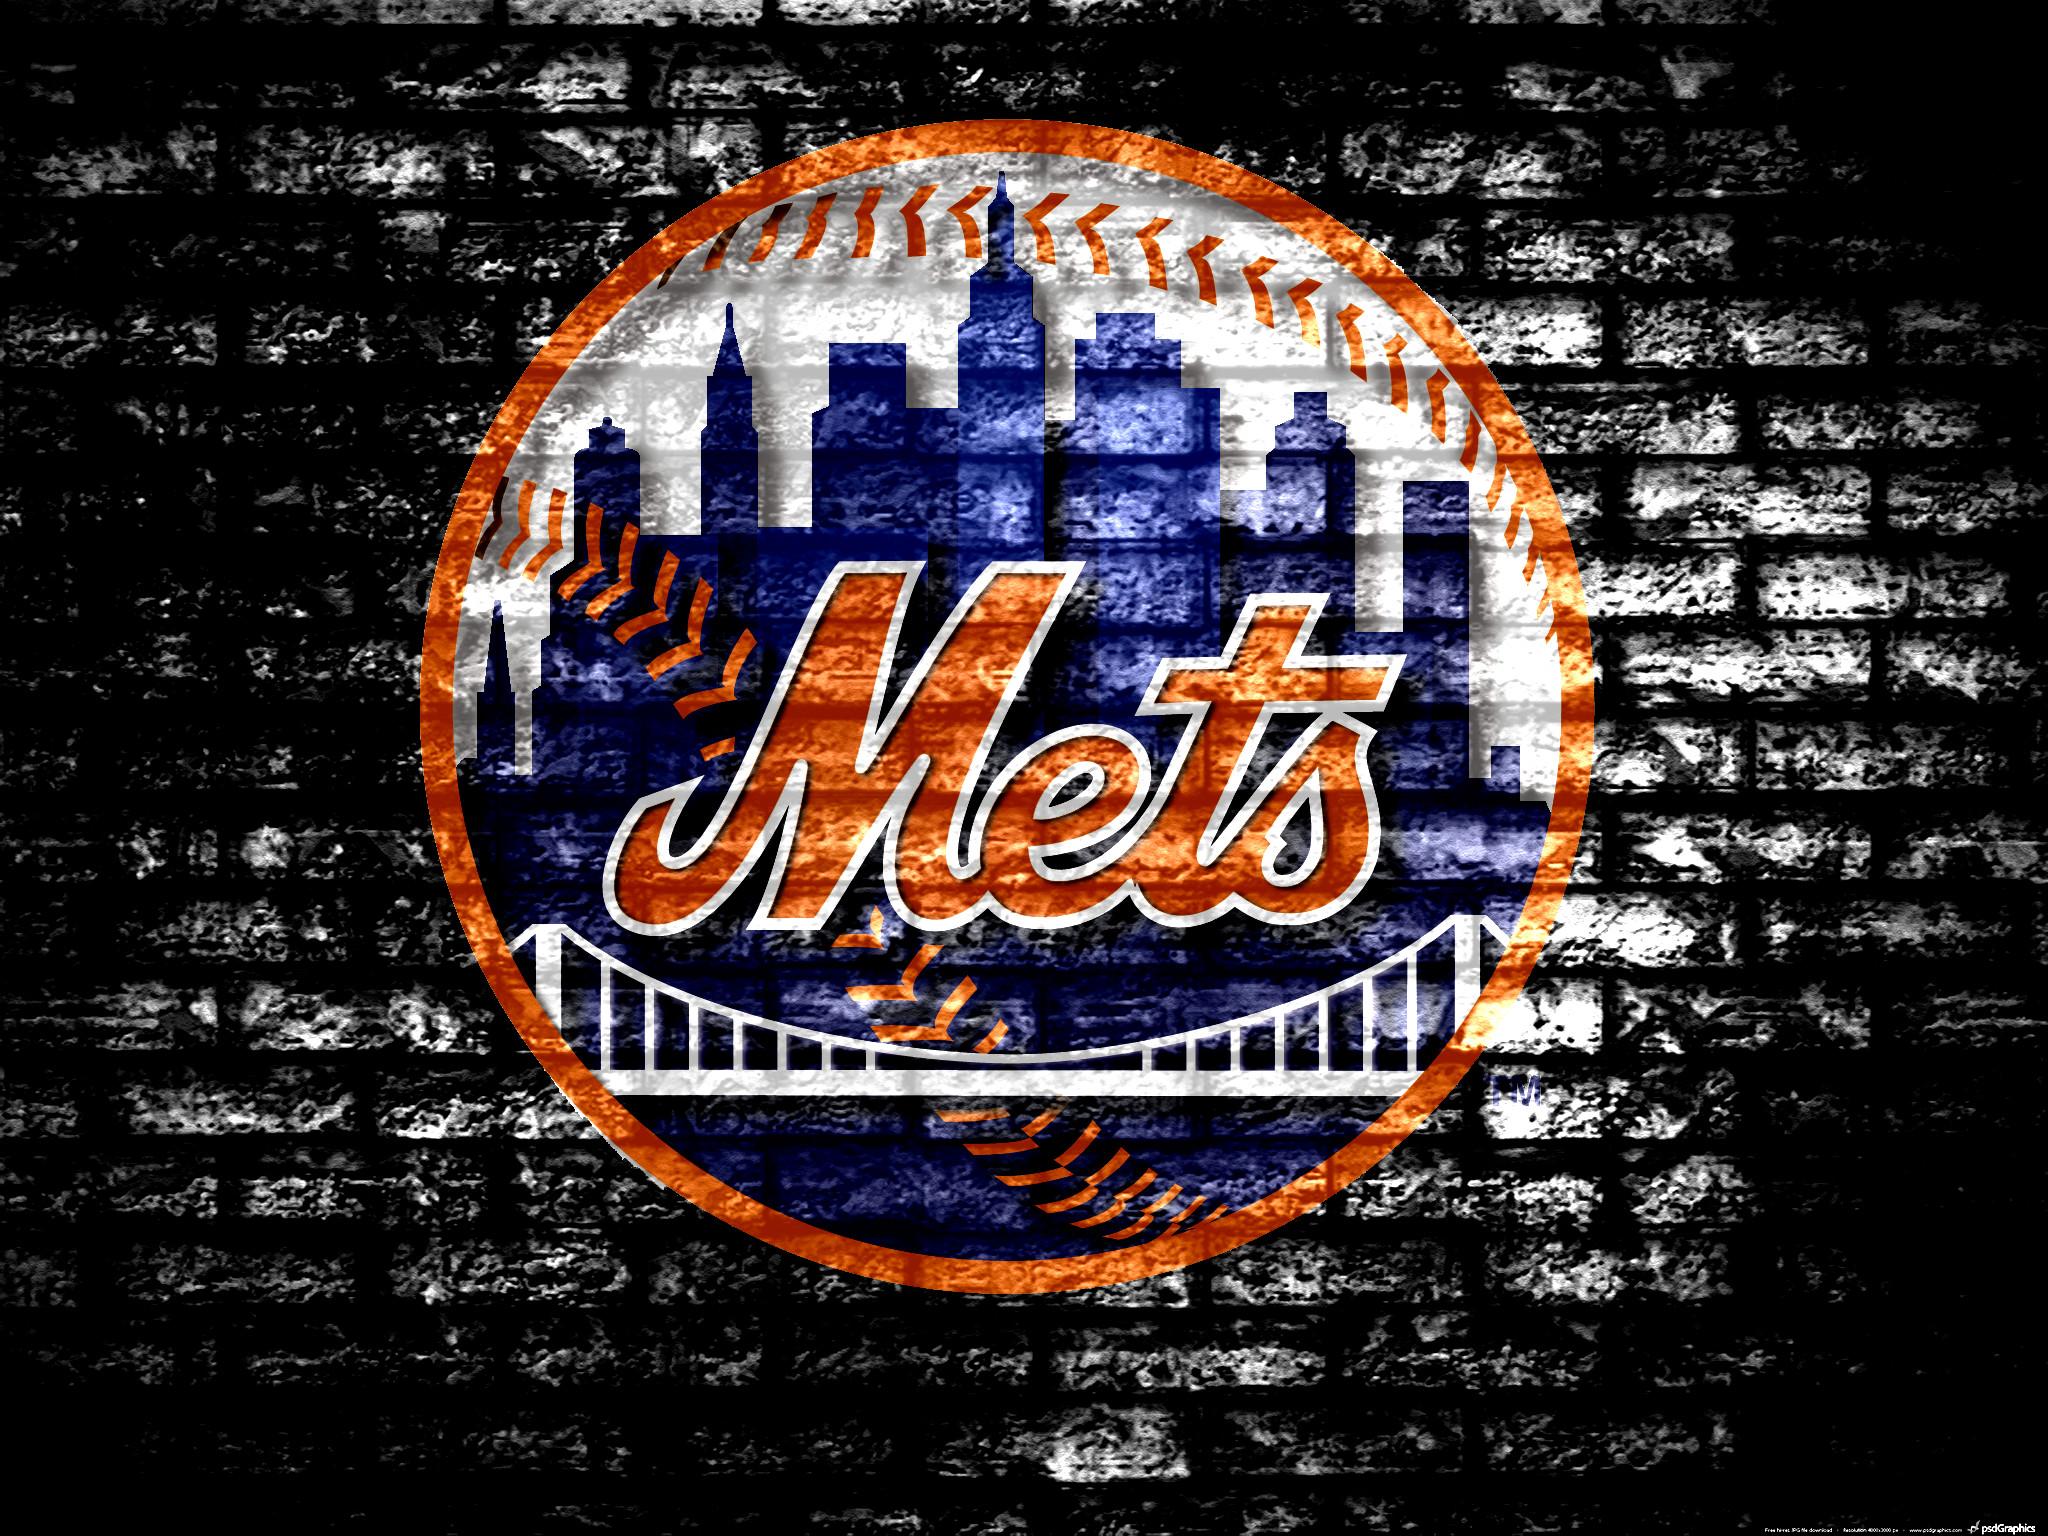 mets-wallpaper-3.jpg (2048×1536). New York MetsBaseball